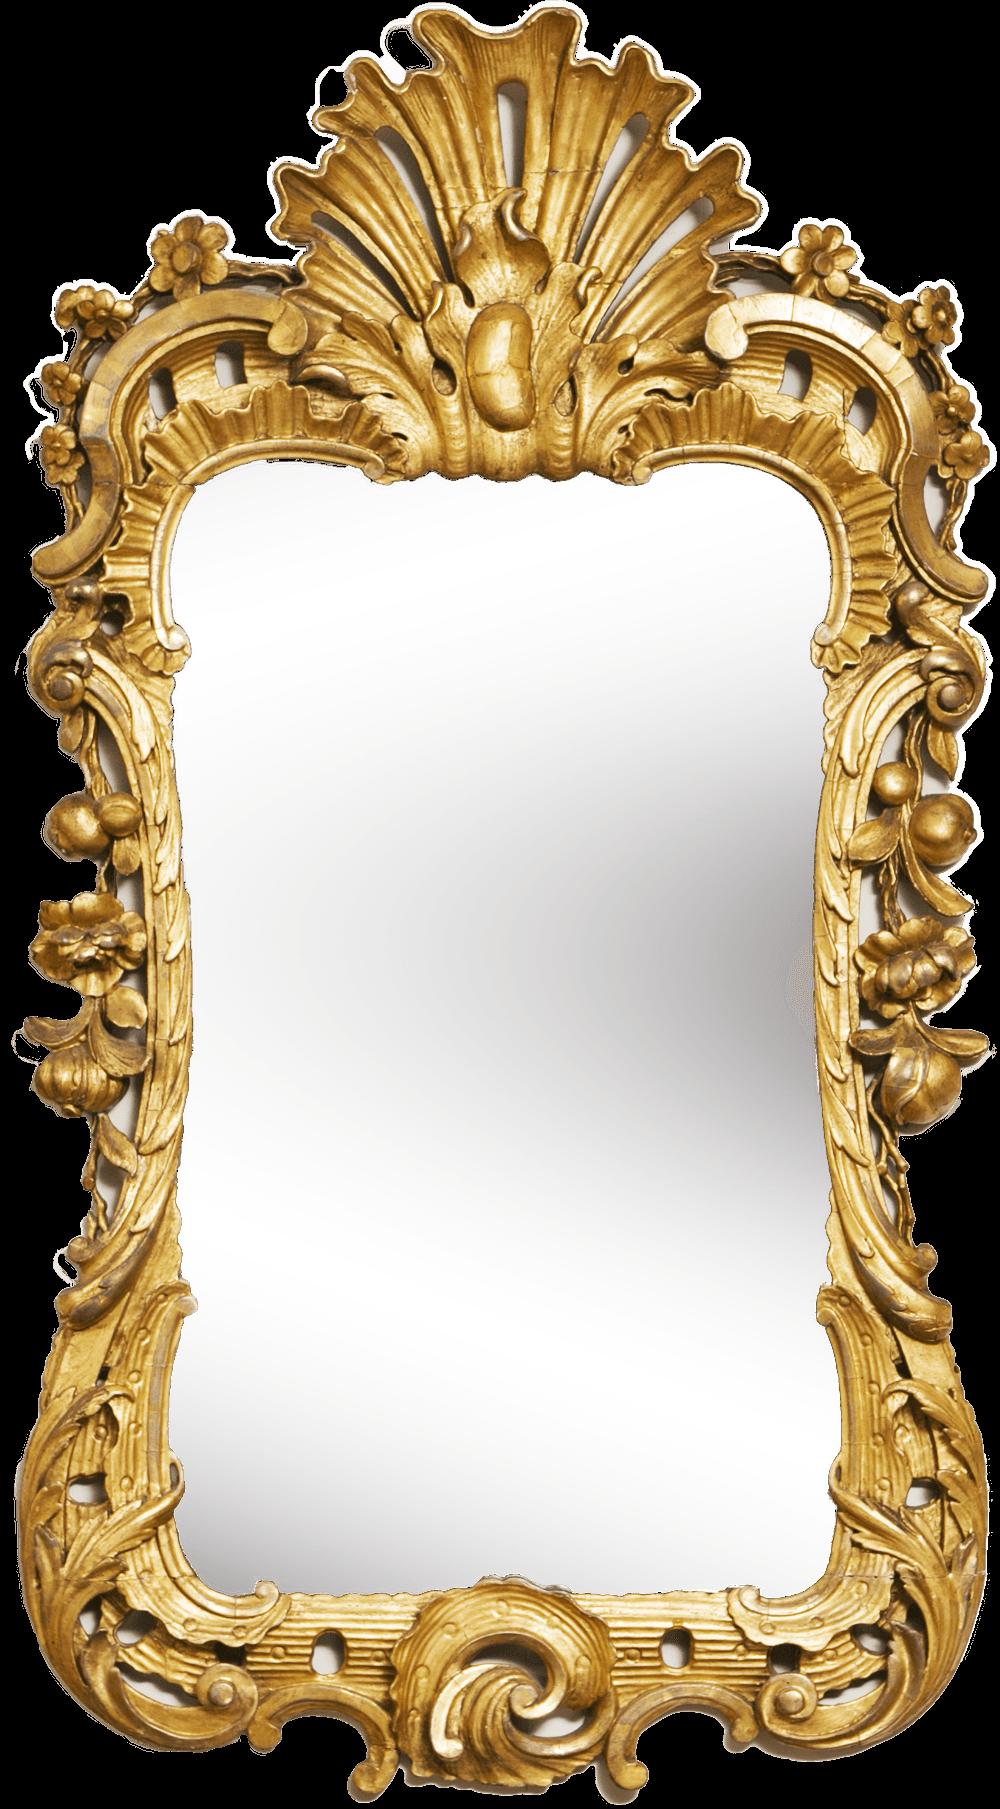 Mirror Gold Frame Transparent Png Stickpng